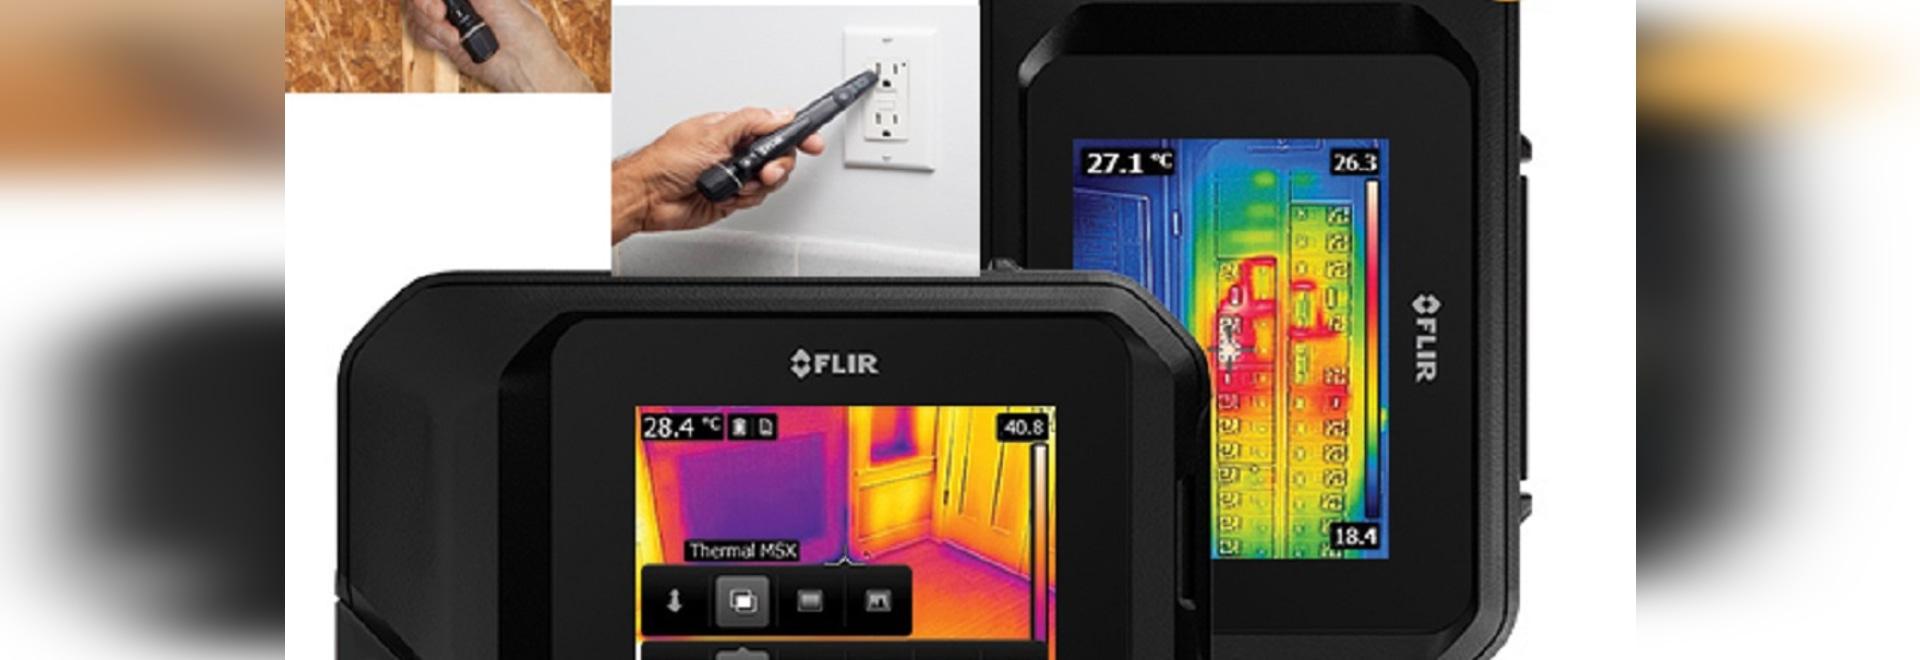 FLIR announces autumn cost-saving product bundles for